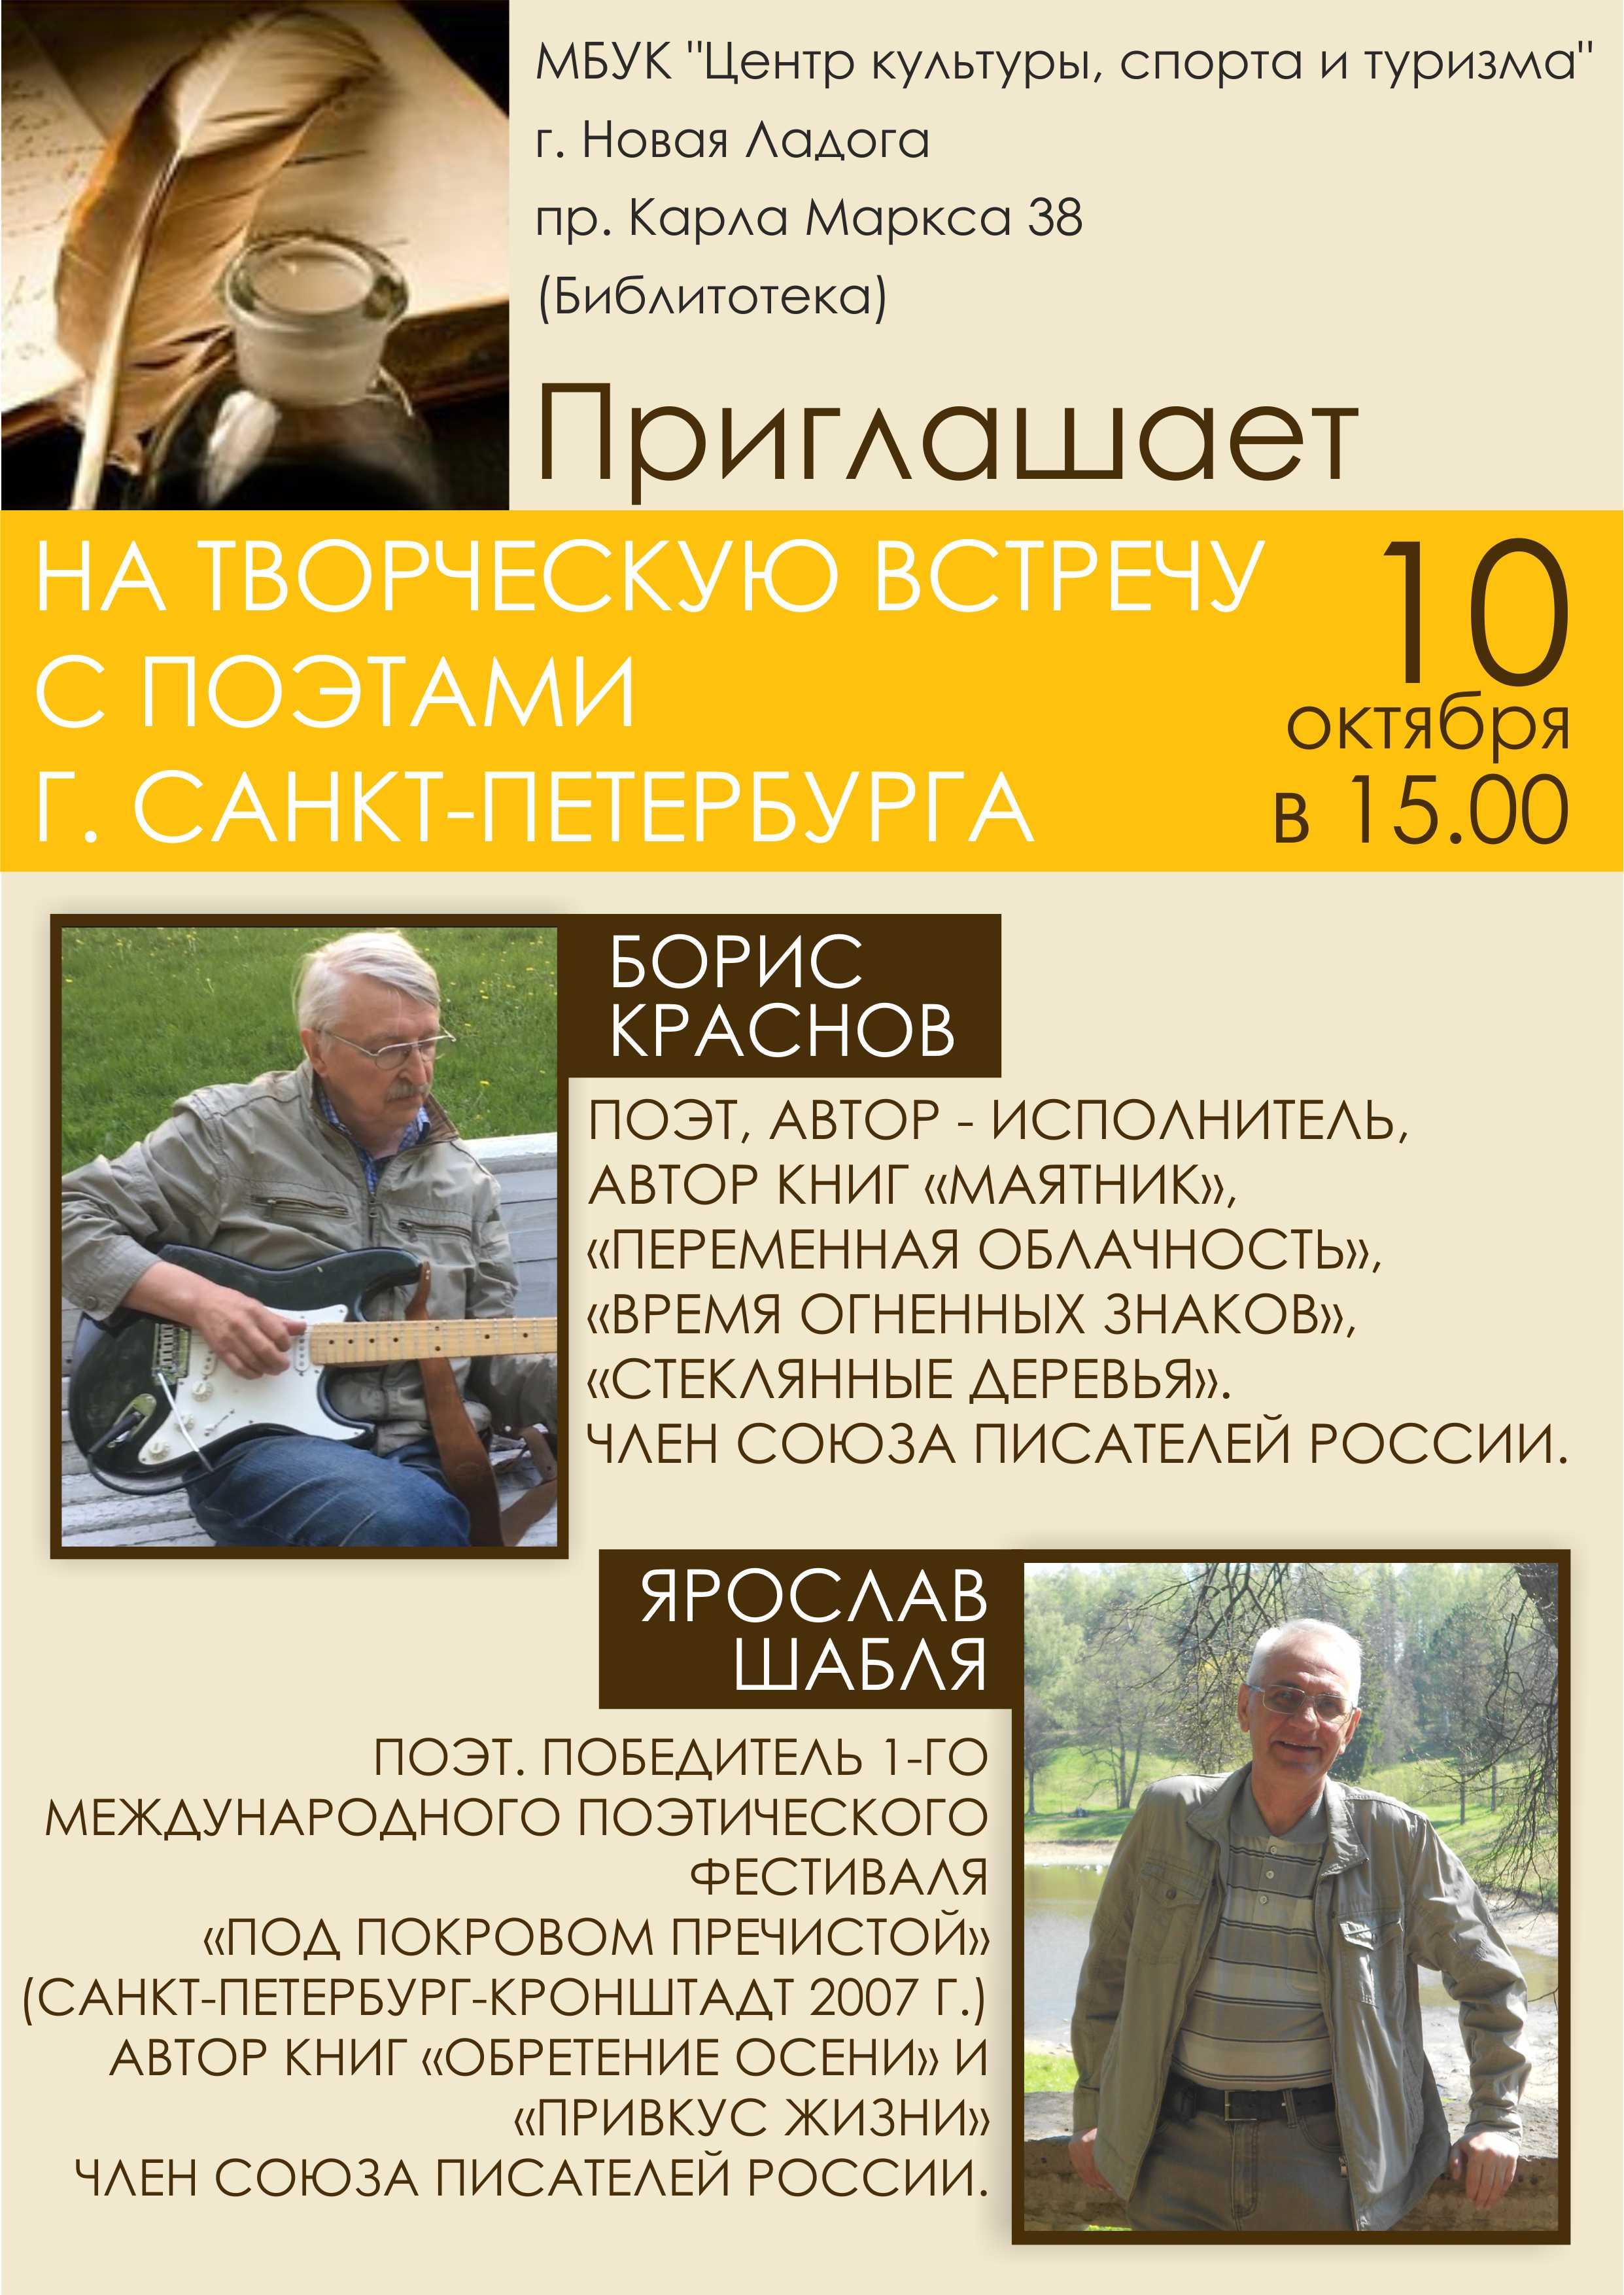 Творческая встреча с поэтами г. Санкт-Петербурга